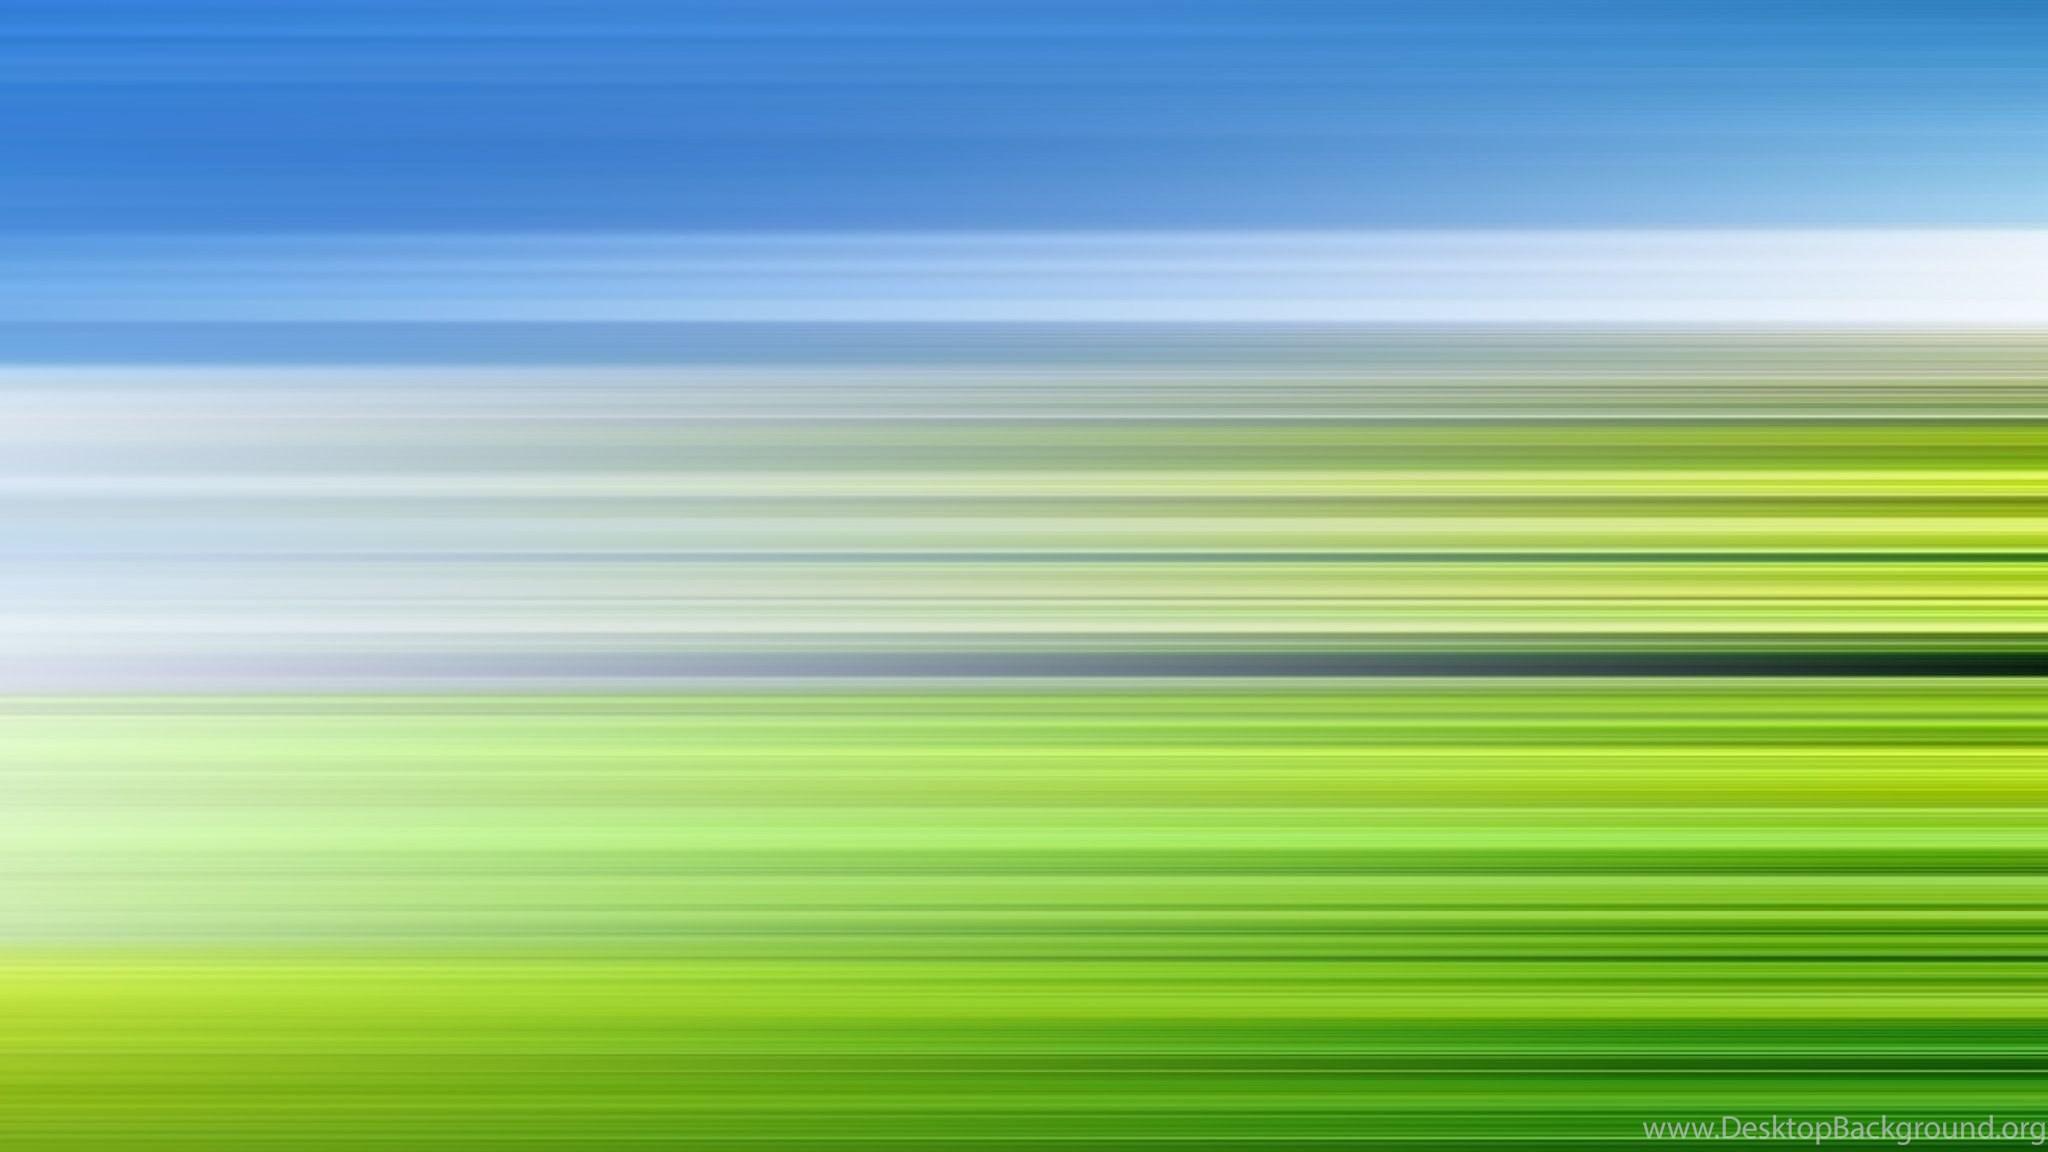 Fonds D Ecran Ipad 3 Tous Les Wallpapers Ipad 3 Desktop Background